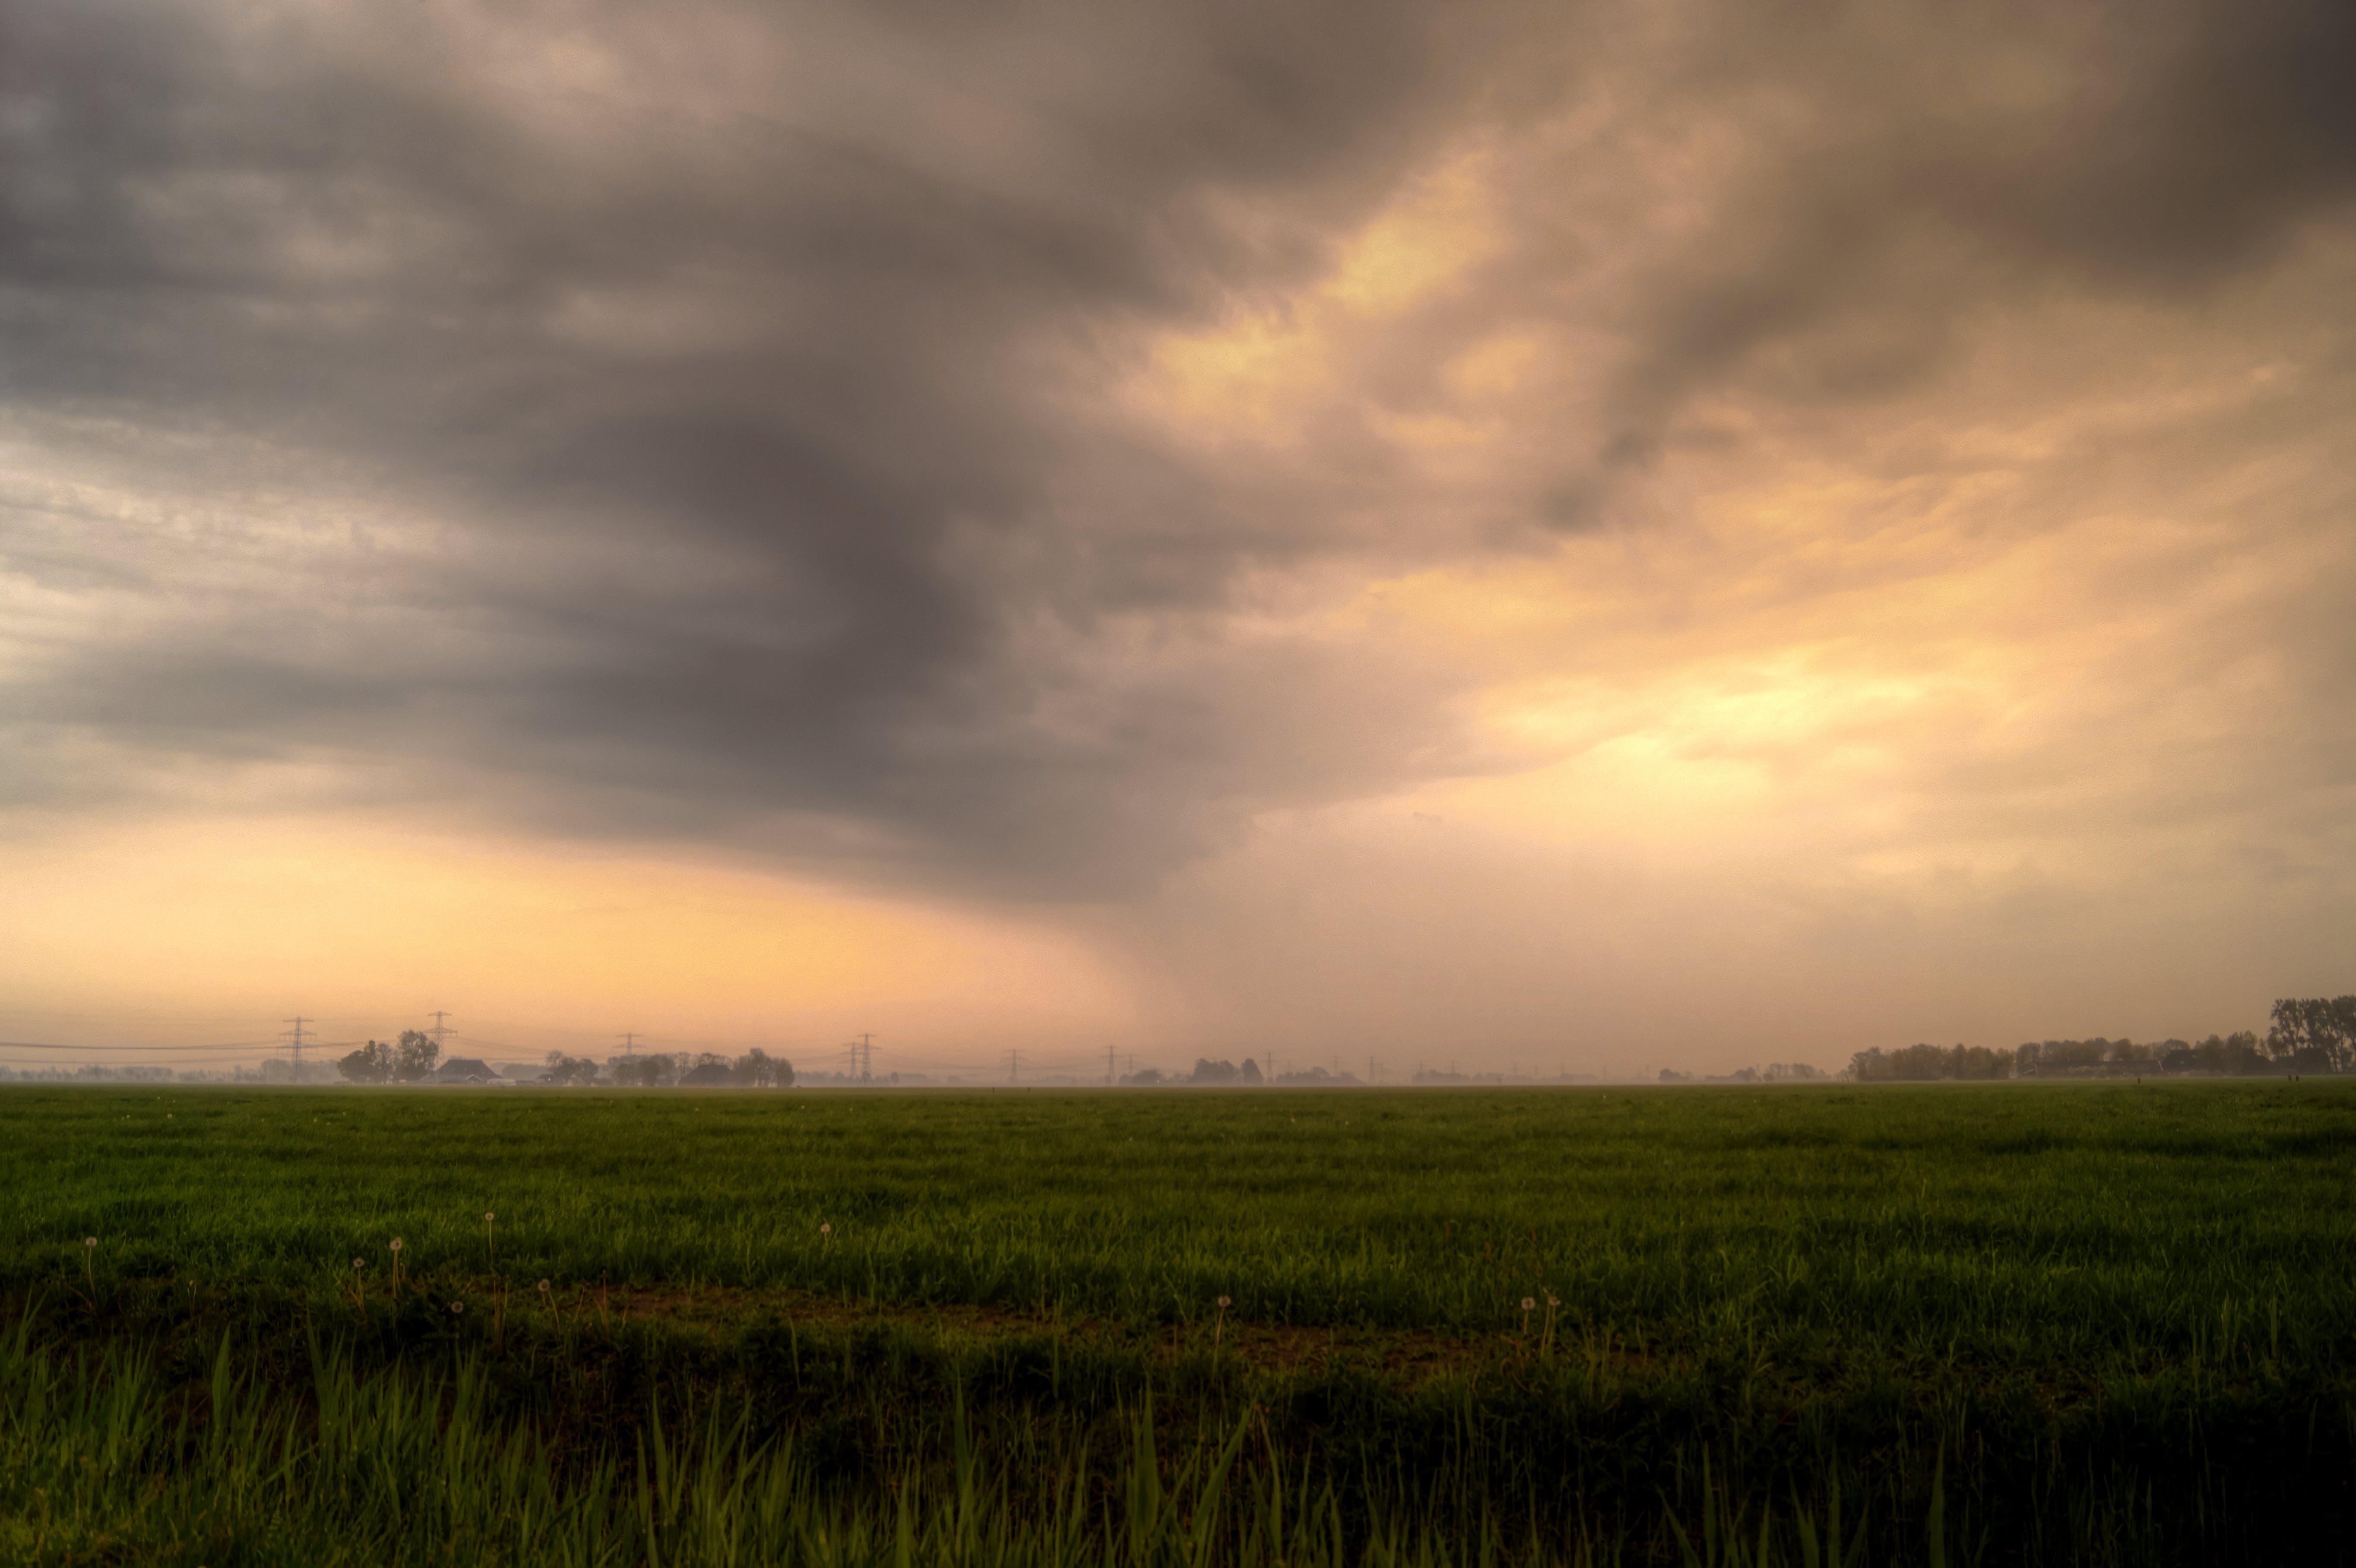 Gratis arkivbilde med åker, skyer, skyet, stormfull